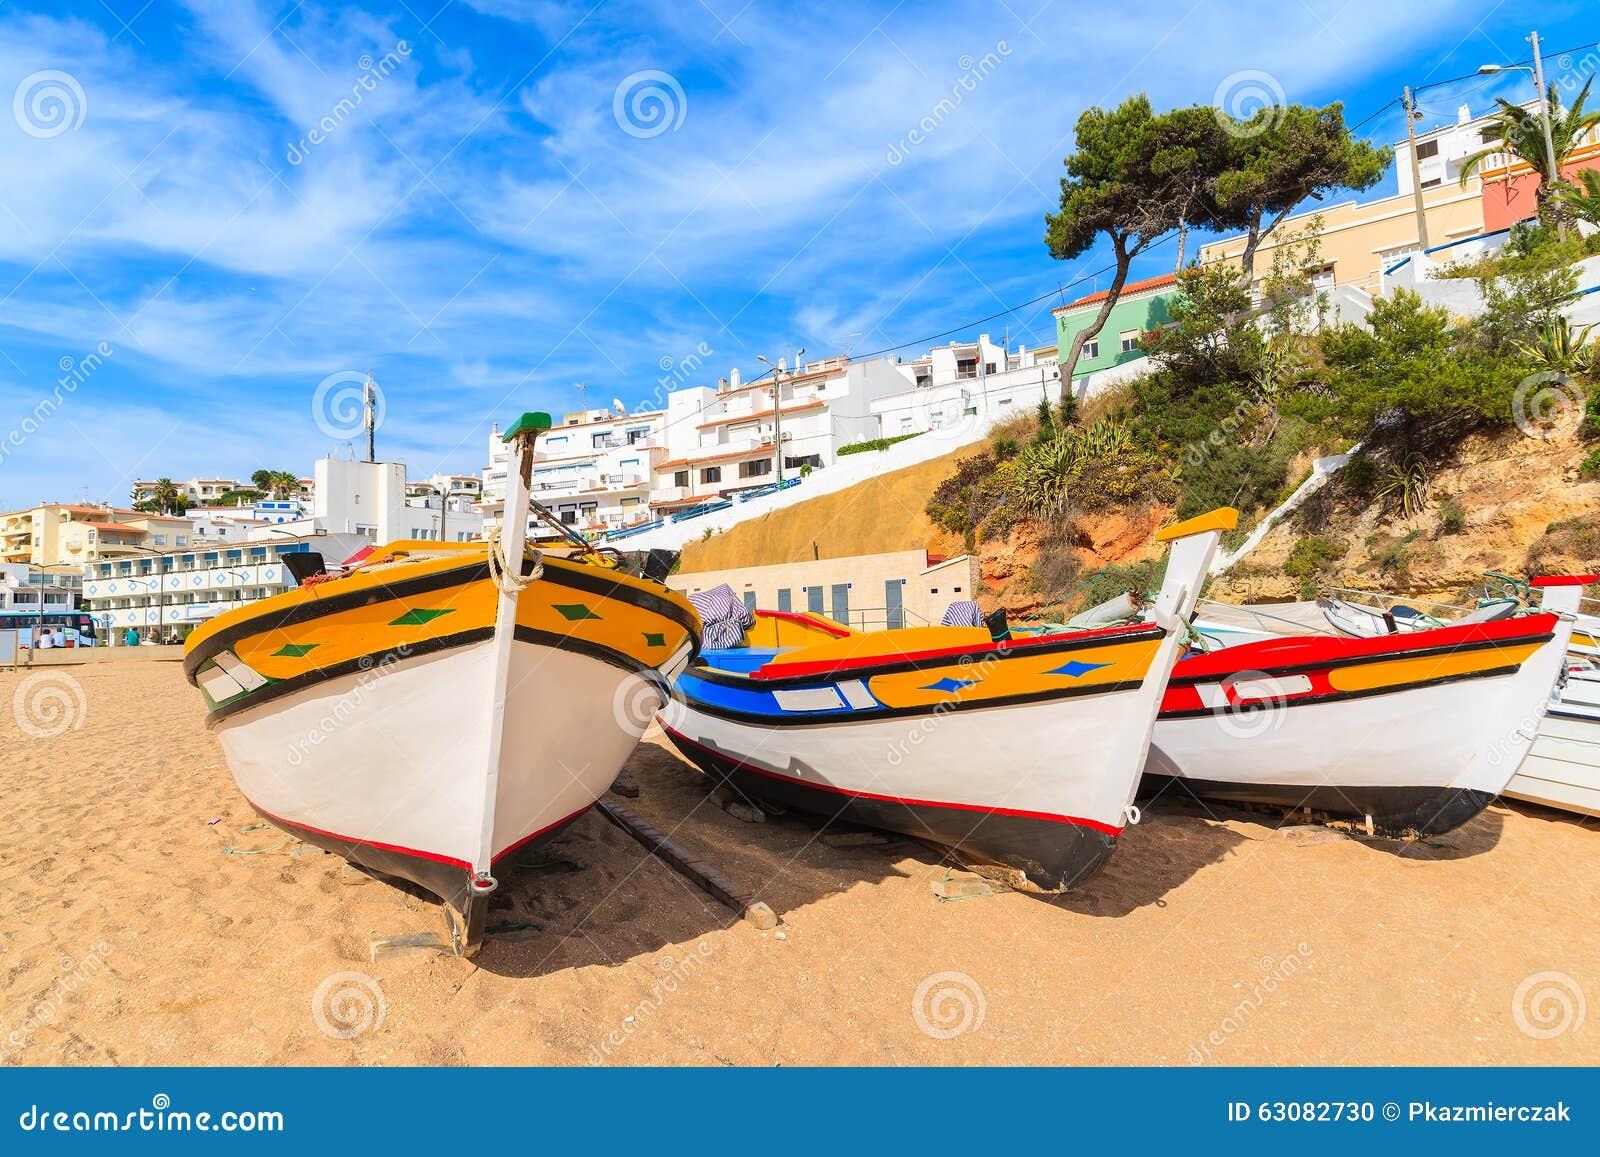 Download Bateaux De Pêche Colorés Traditionnels Sur La Plage Photo stock - Image du maison, scénique: 63082730